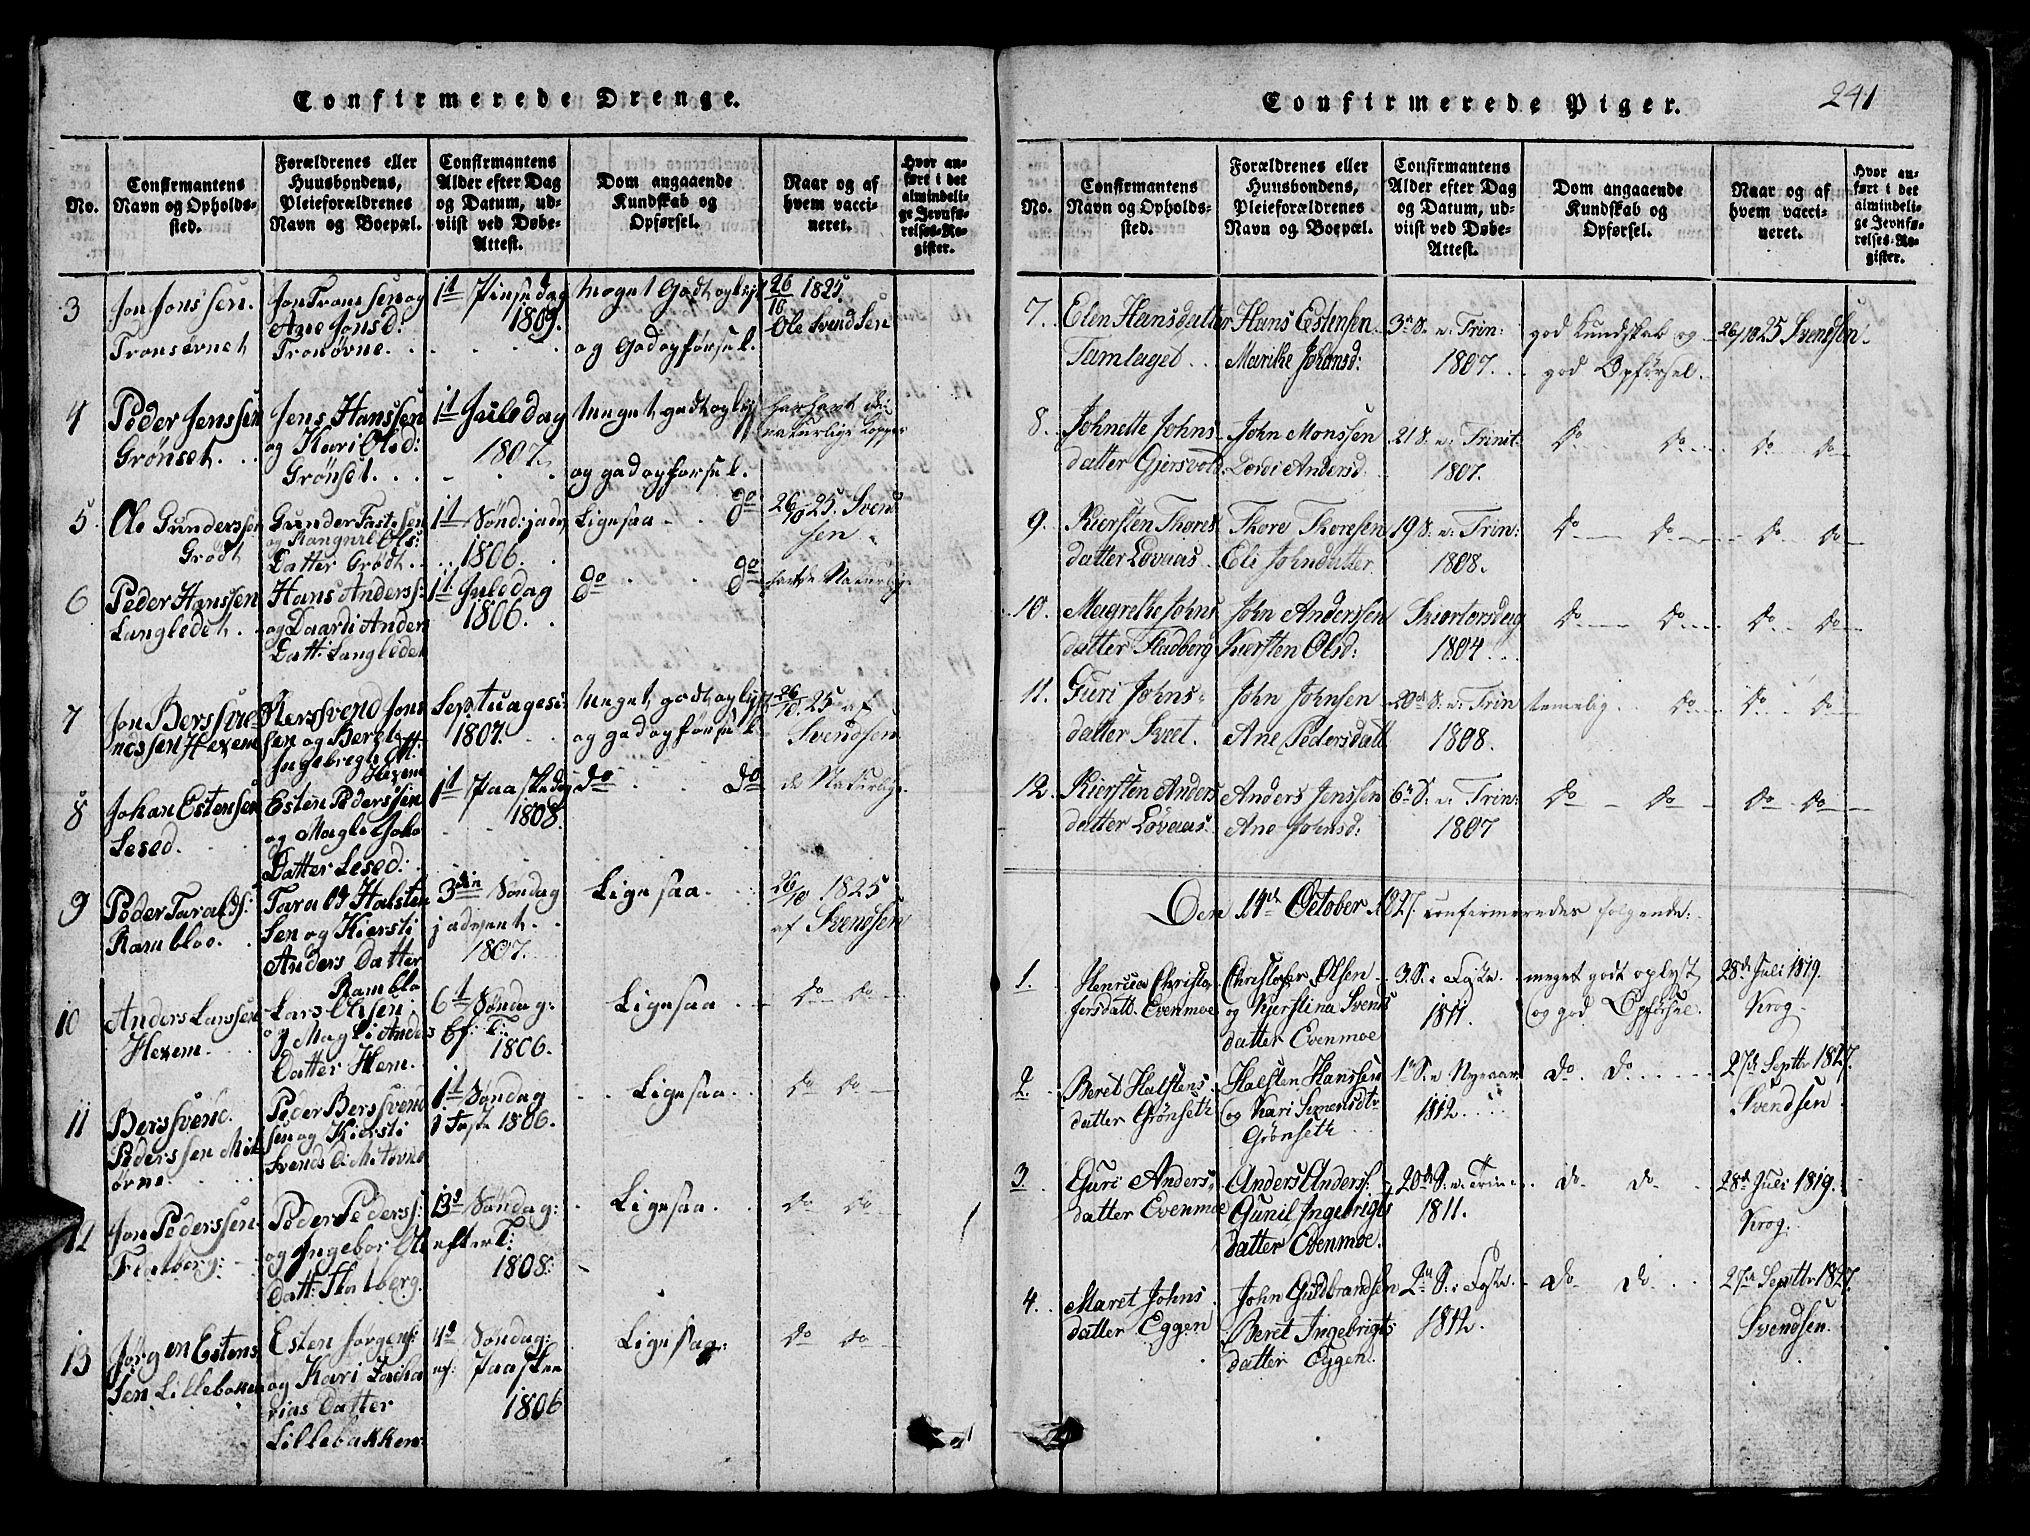 SAT, Ministerialprotokoller, klokkerbøker og fødselsregistre - Sør-Trøndelag, 685/L0976: Klokkerbok nr. 685C01, 1817-1878, s. 241